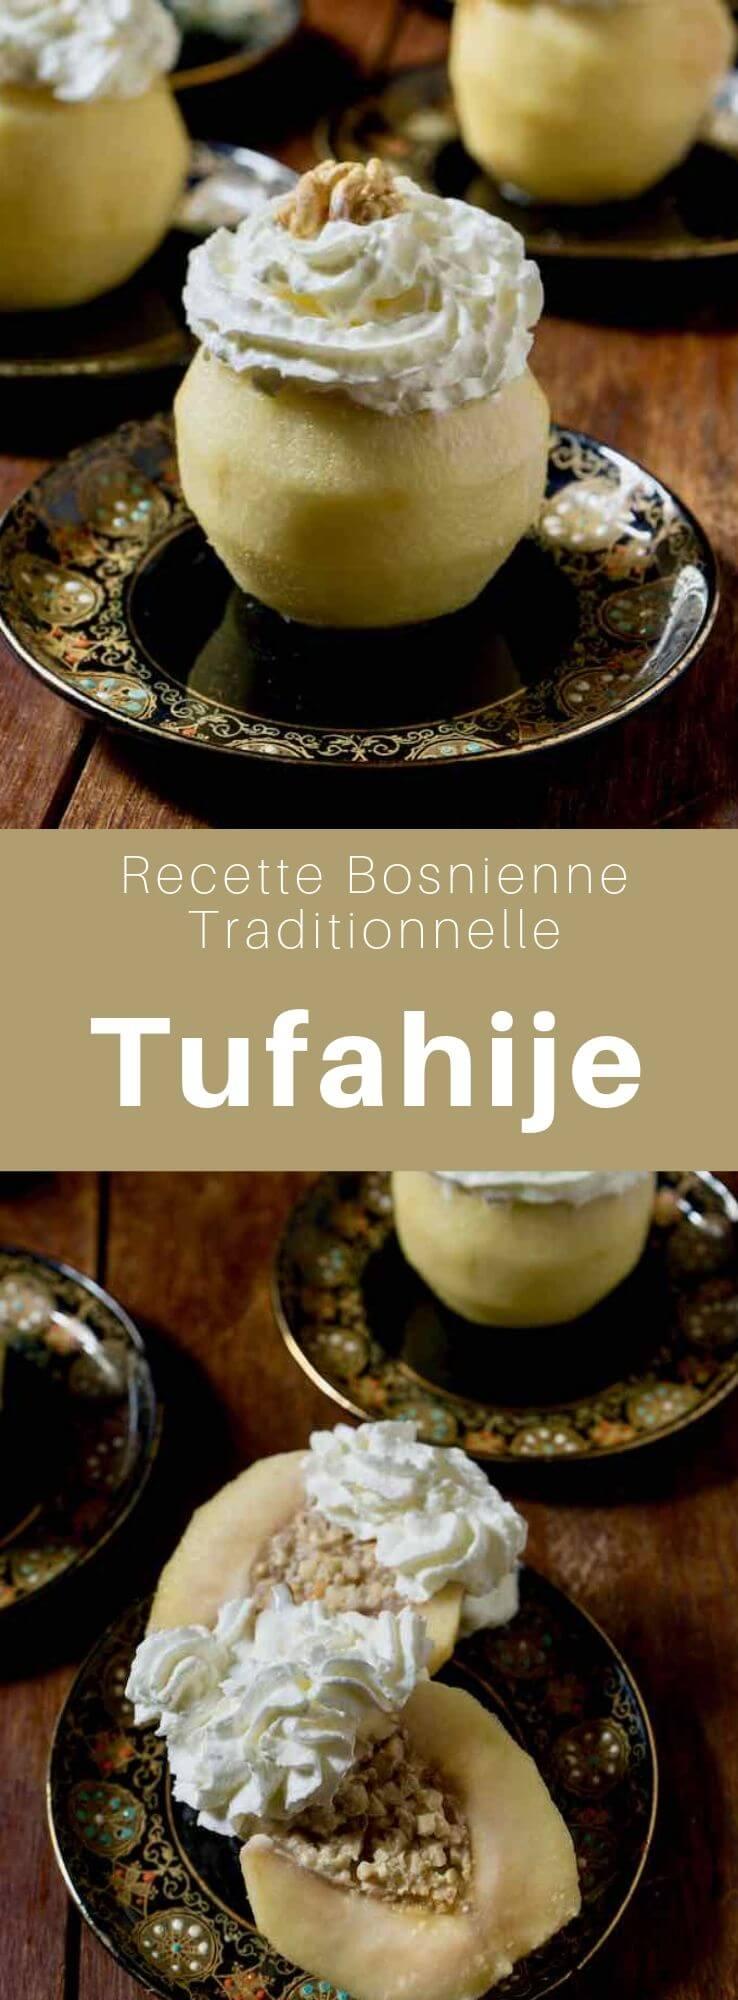 Le tufahija est un dessert bosniaque composé de pommes farcies aux noix et cuites à l'eau sucrée, qui est aussi très populaire en Serbie et en Macédoine. #Bosnie #RecetteBosnienne #CuisineBosnienne #Serbie #Macedoine #Balkans #CuisineDuMonde #196flavors